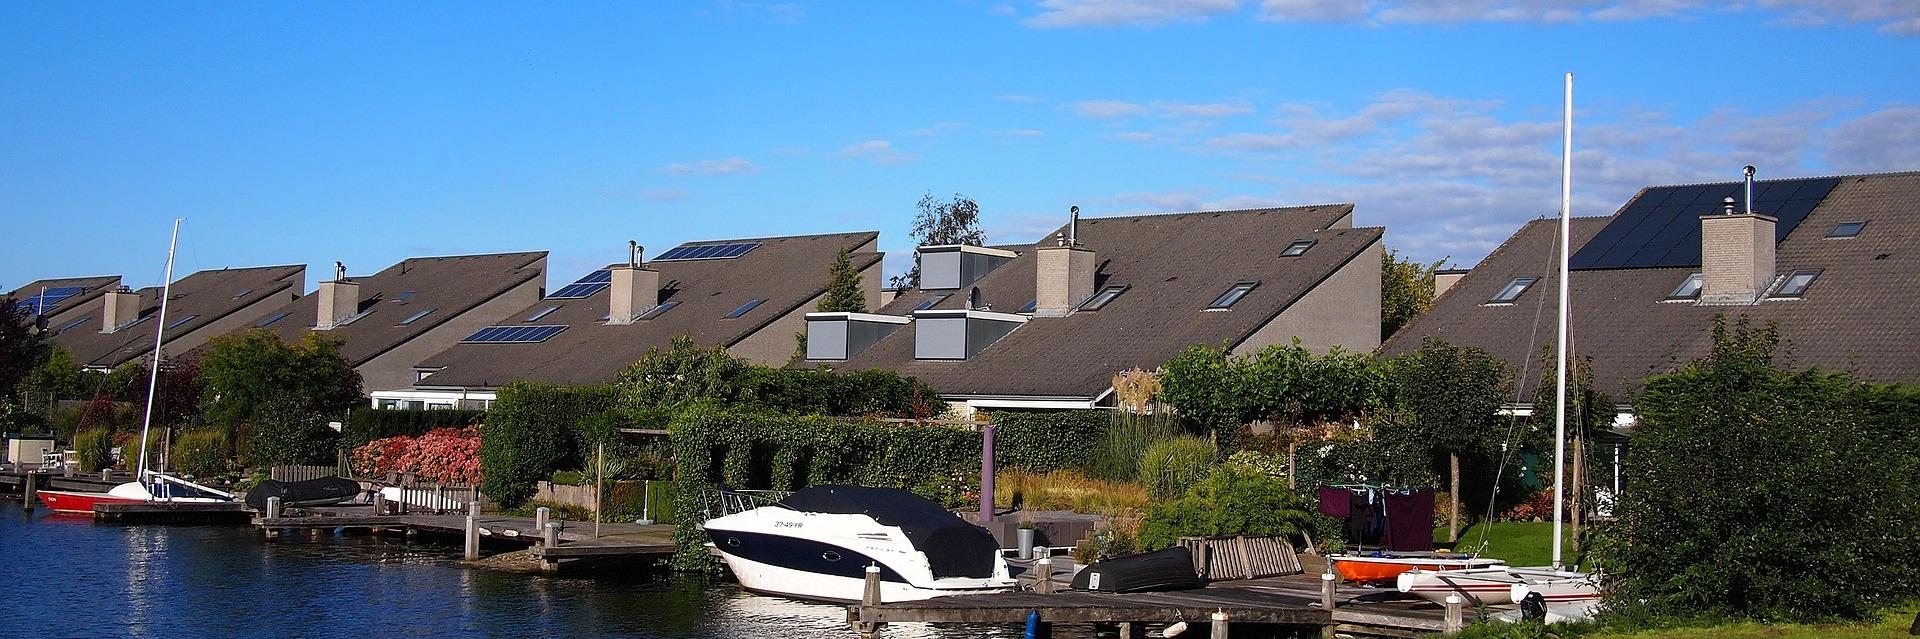 Snel Geld voor Je Woning in Zoetermeer